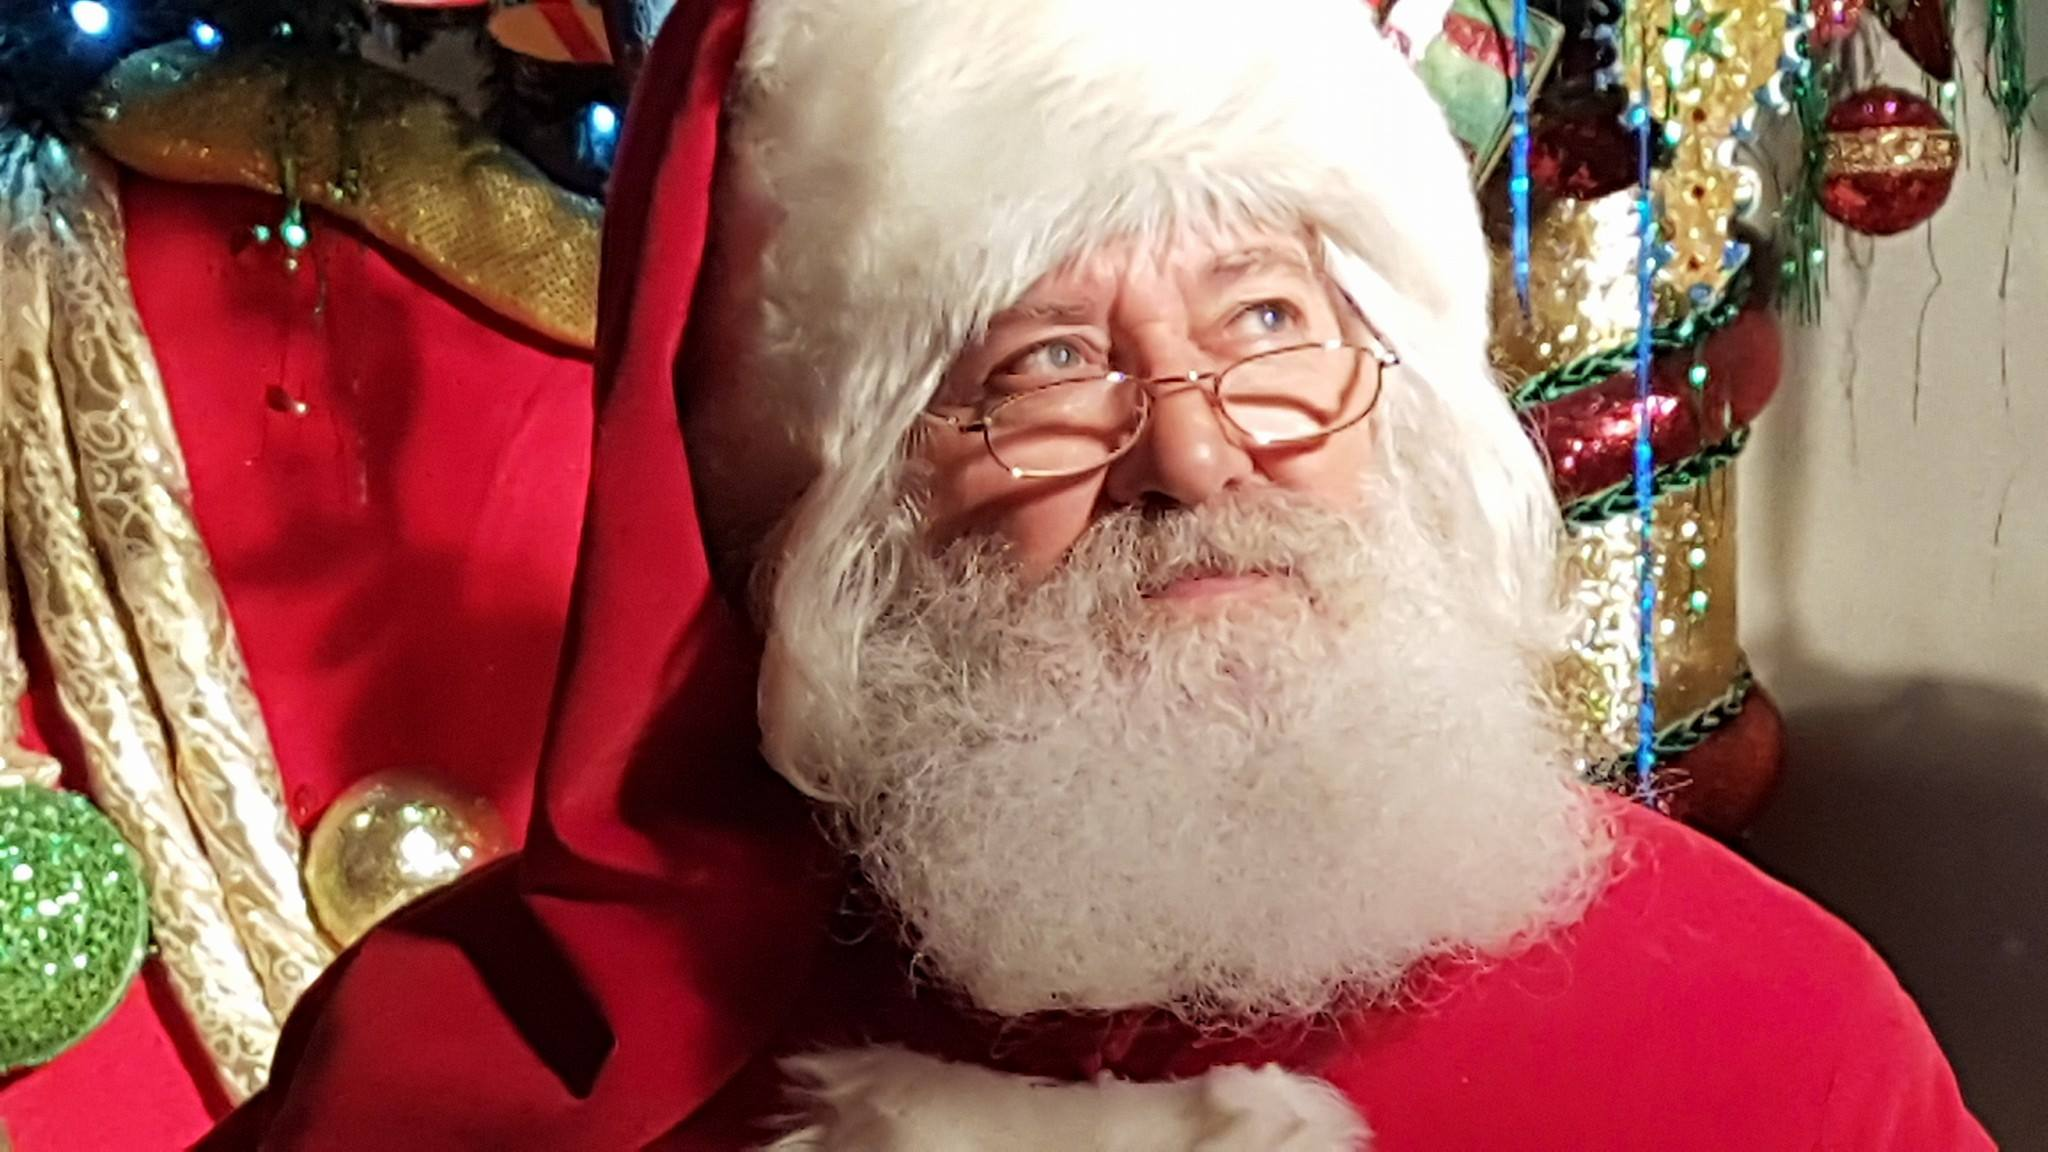 Babbo Natale 8 Gallery.Torino Si Assume Babbo Natale A Mondojuve 2mila Euro Per 11 Giorni Di Lavoro